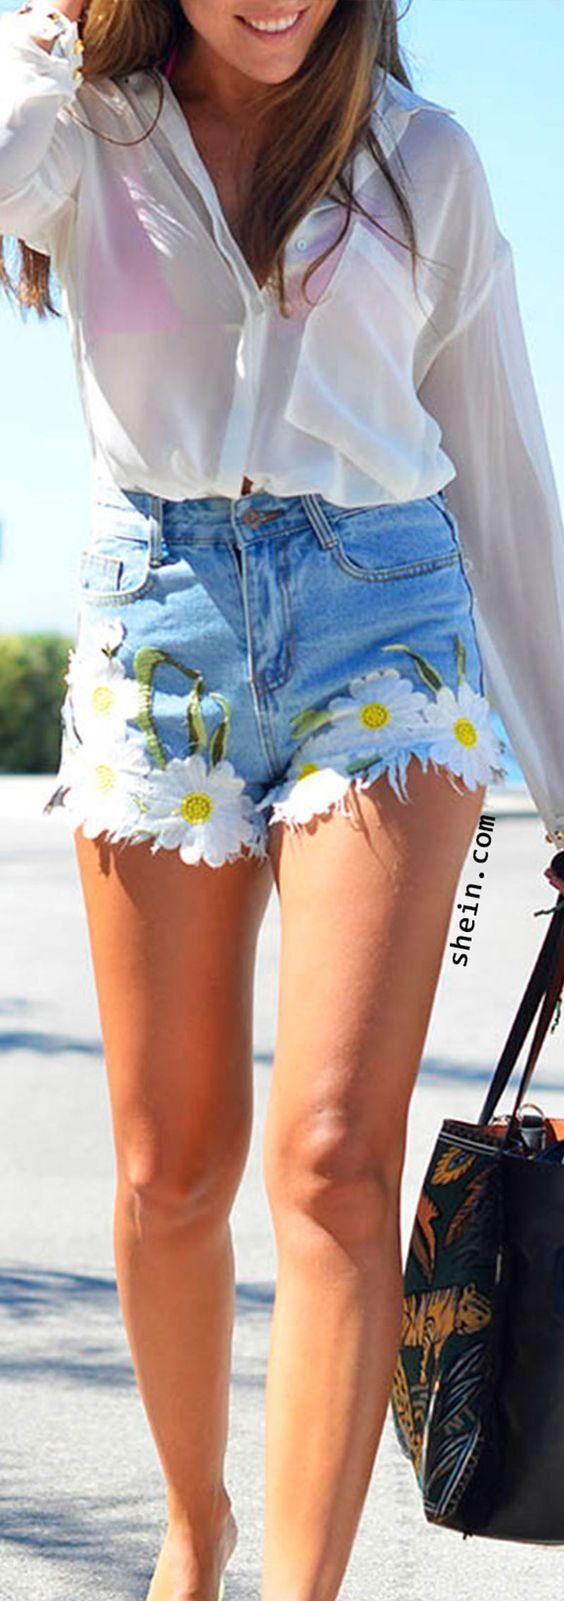 trendy denim shorts + shirt